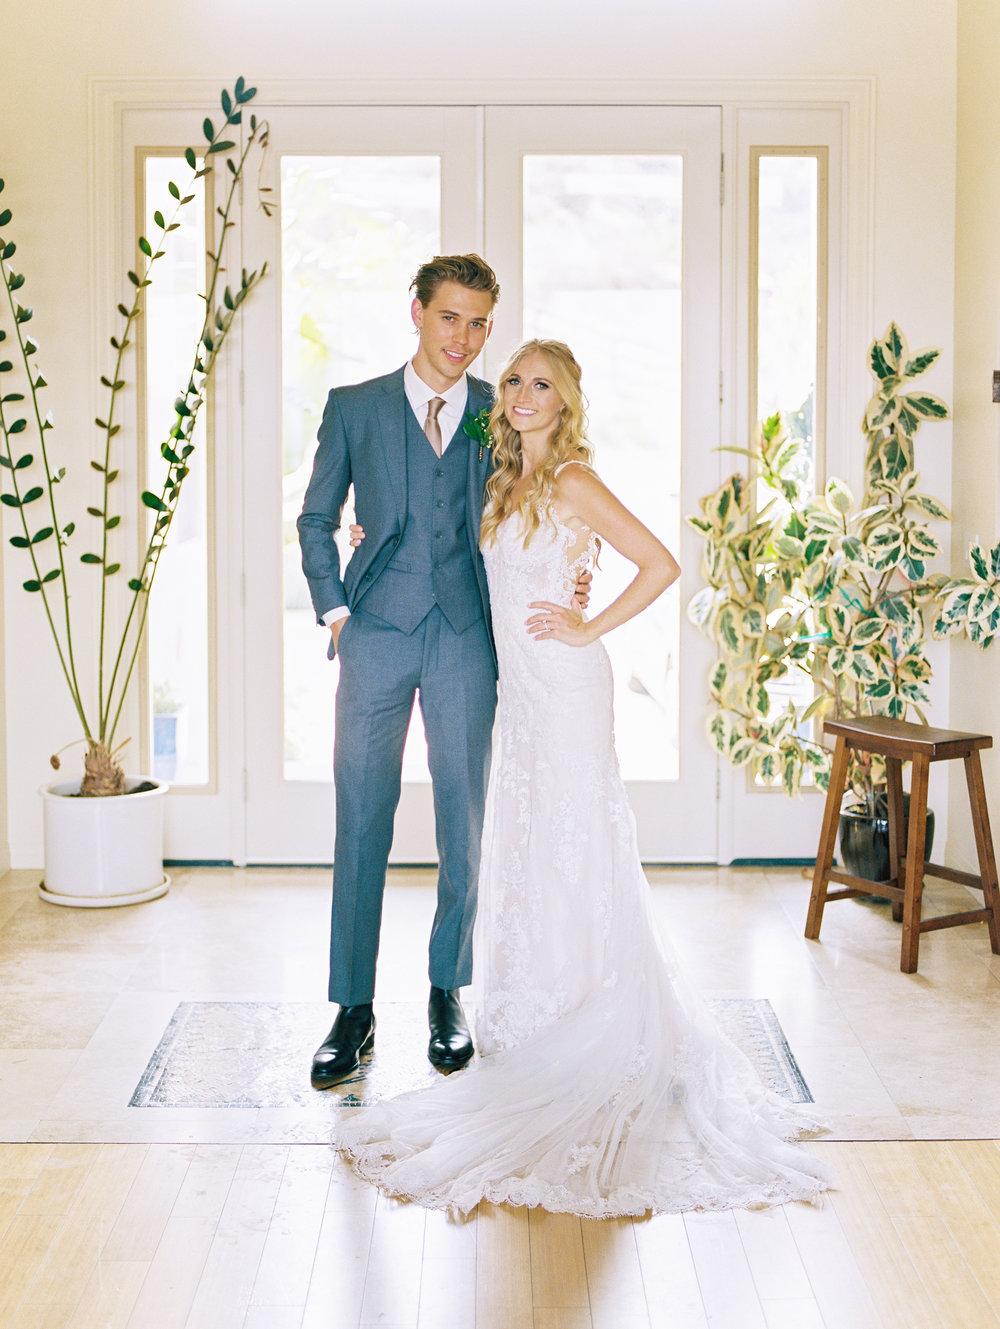 dennisroycoronel_ashleyanthony_vanessahudgens_austinbutler_wedding_losangeles_photographer-58.jpg